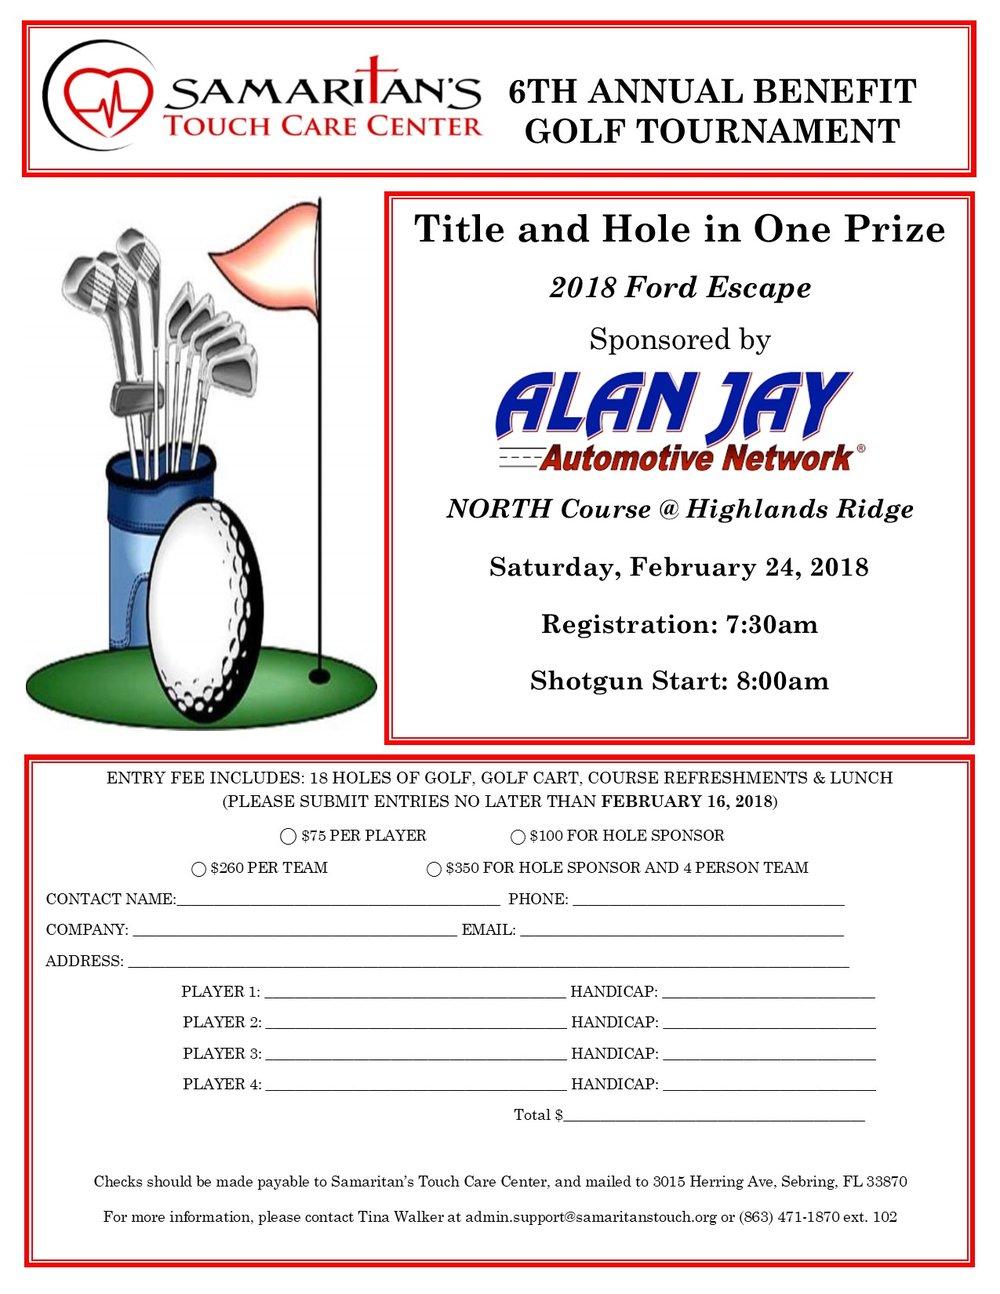 STCC 6th Annual Golf Tournament.jpg